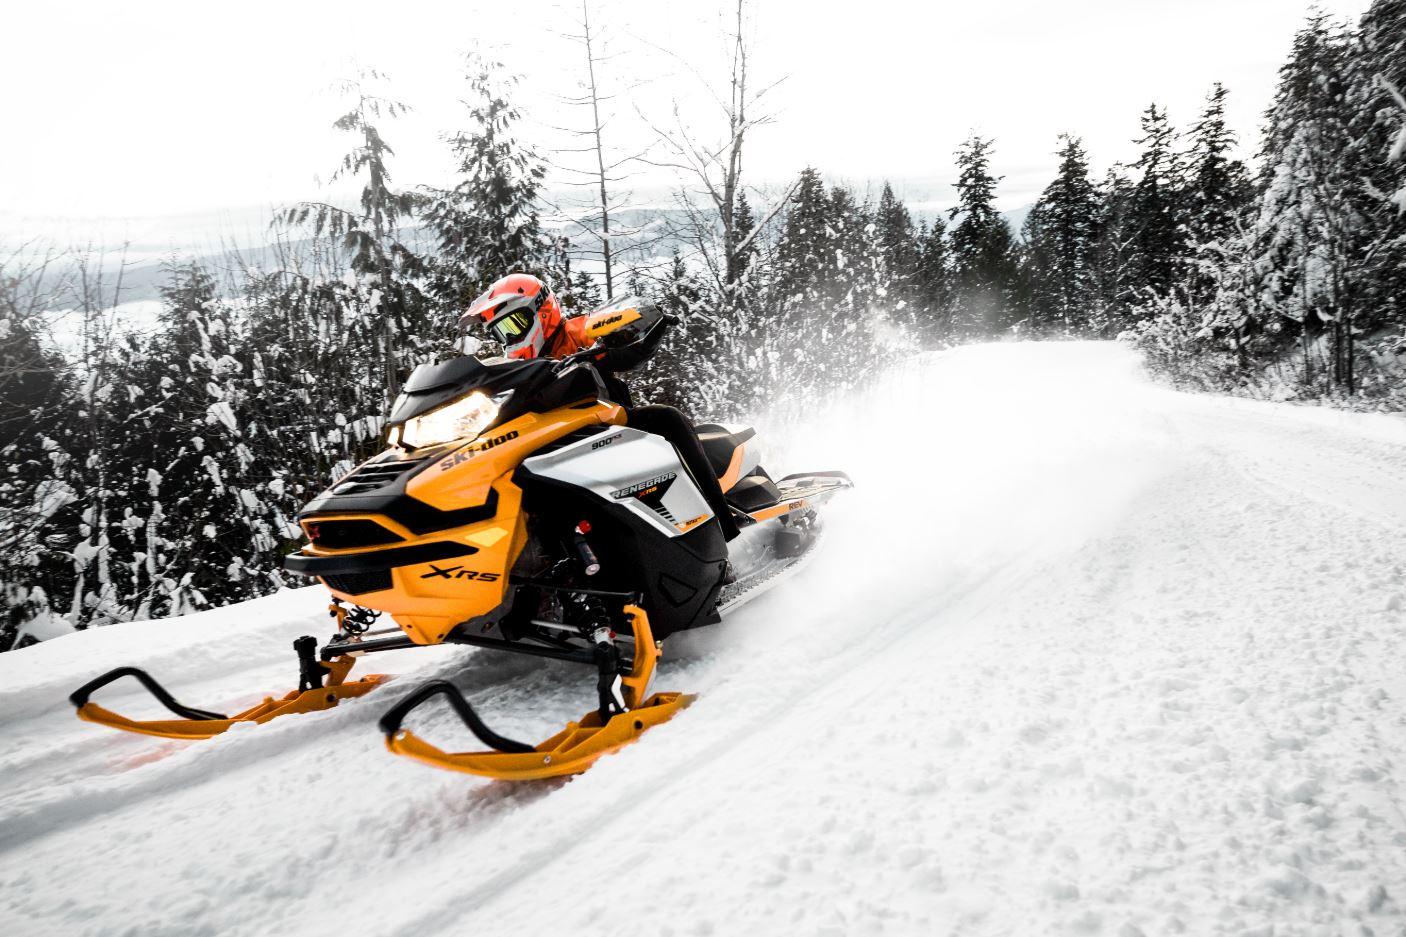 2019 Ski-Doo renegade x-rs